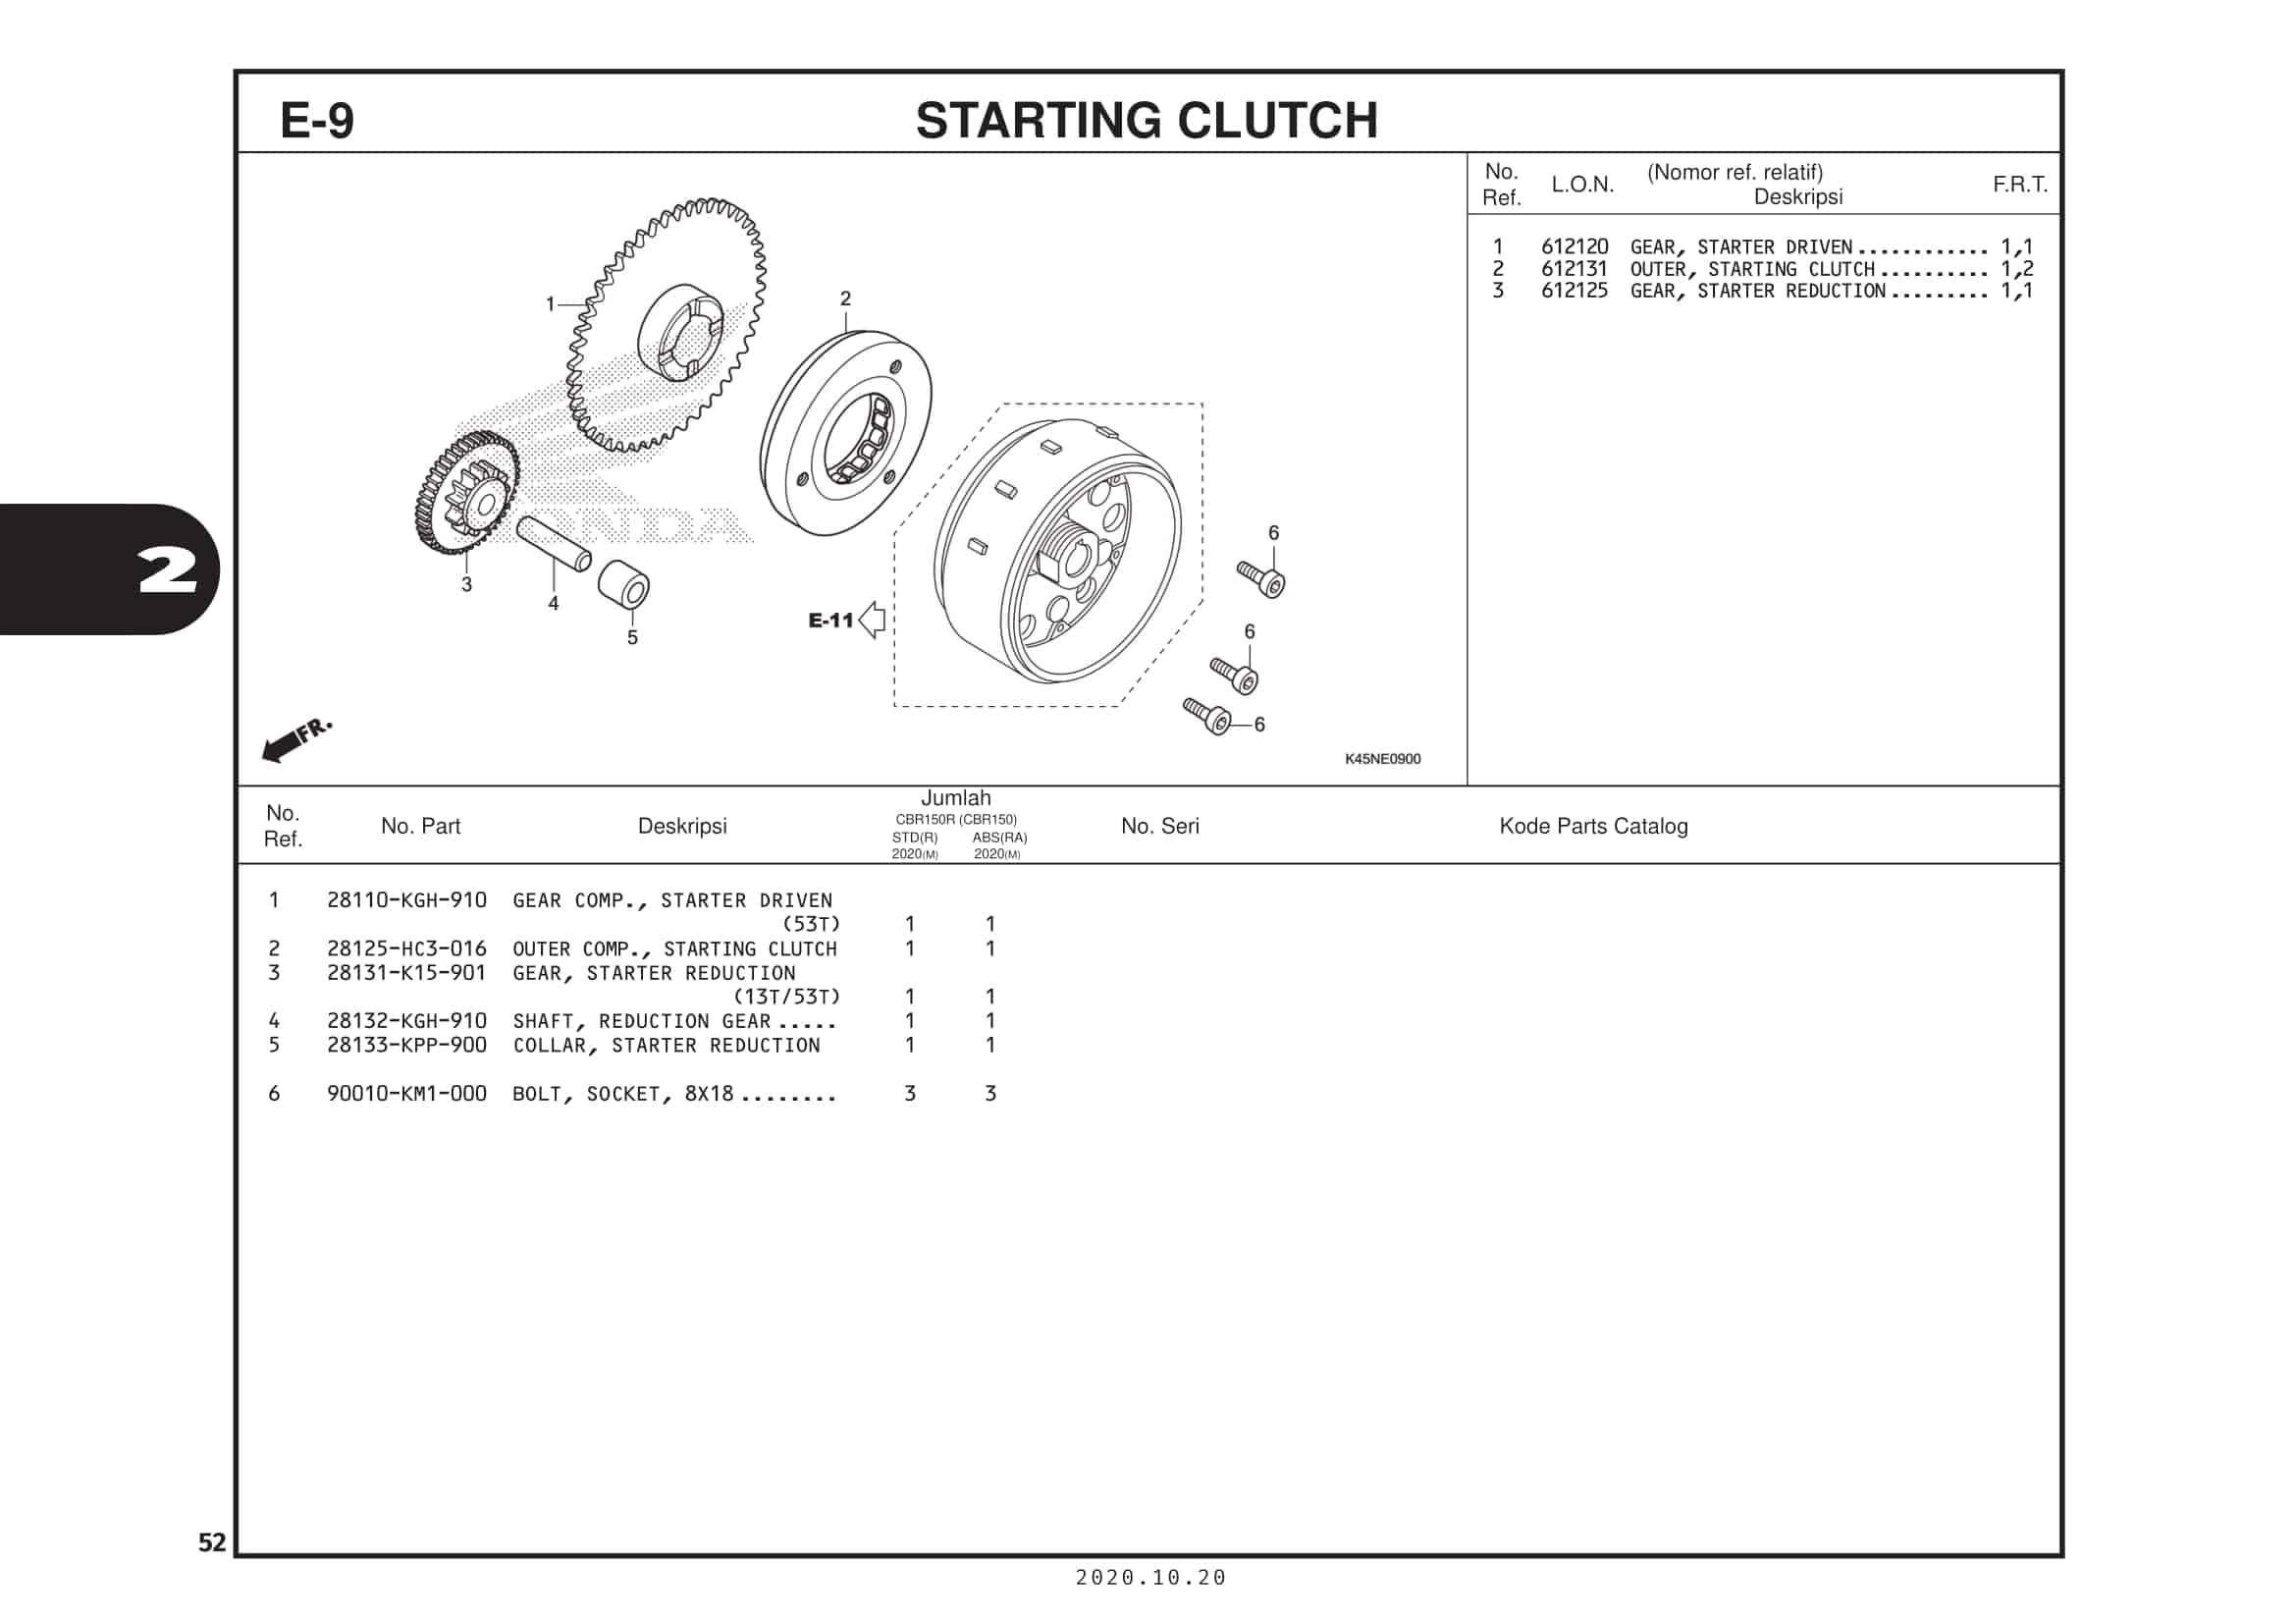 E-9 Starting Clutch